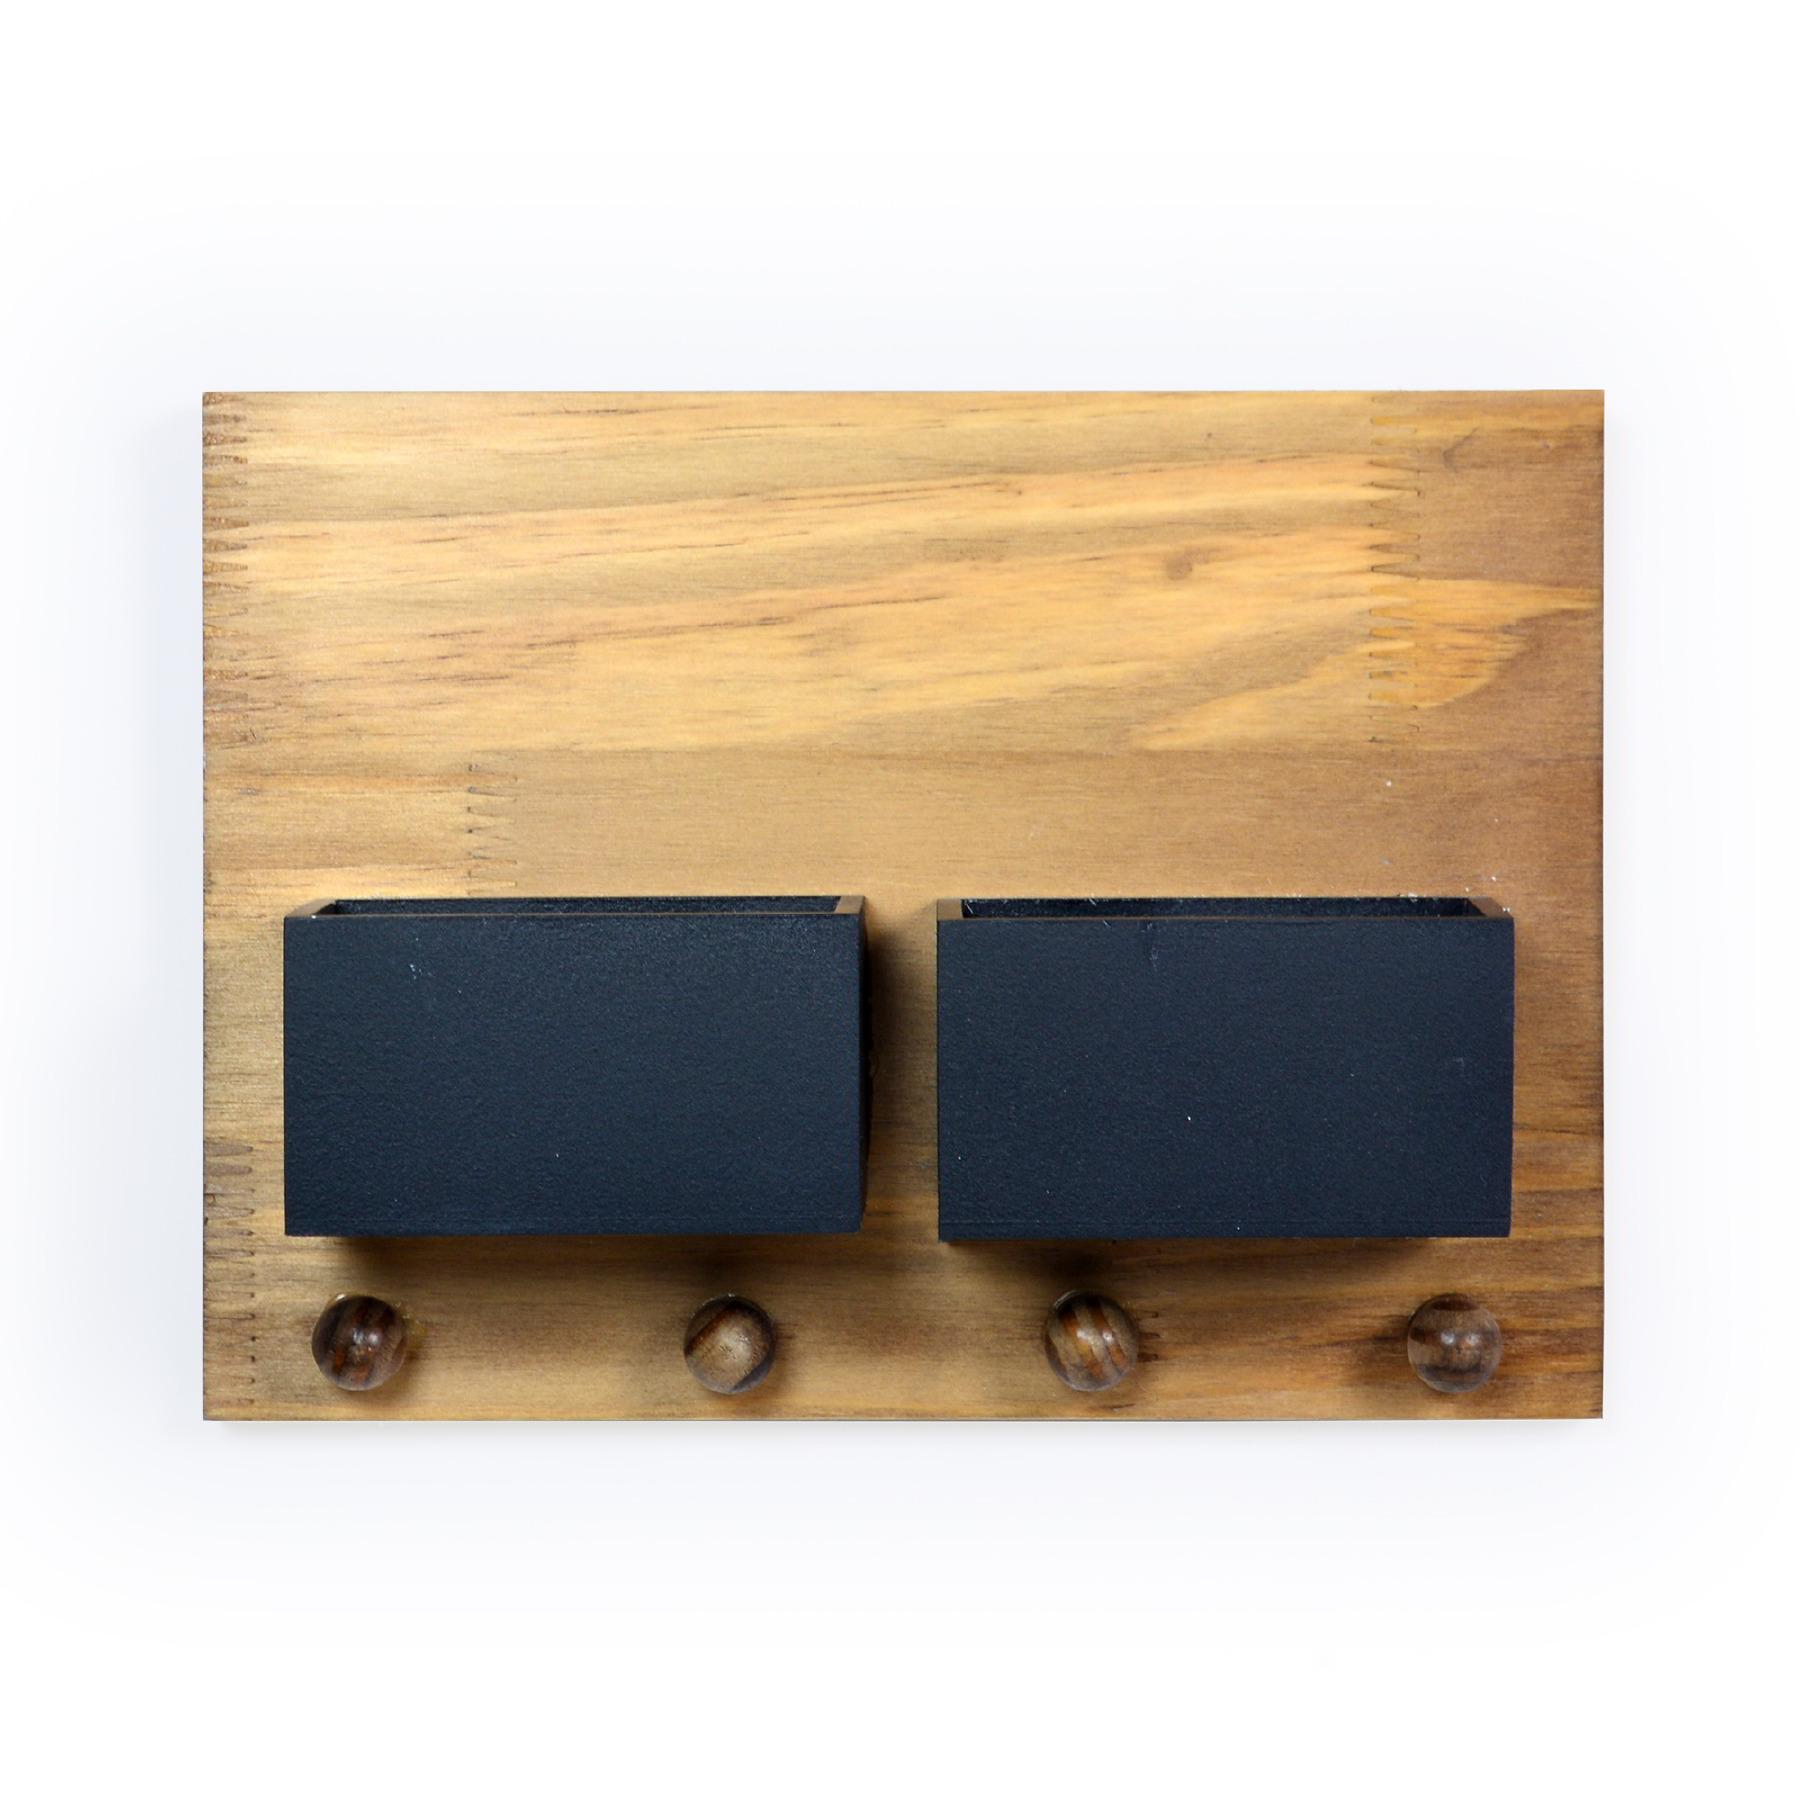 Porta Chave de madeira com 02 Cachepots